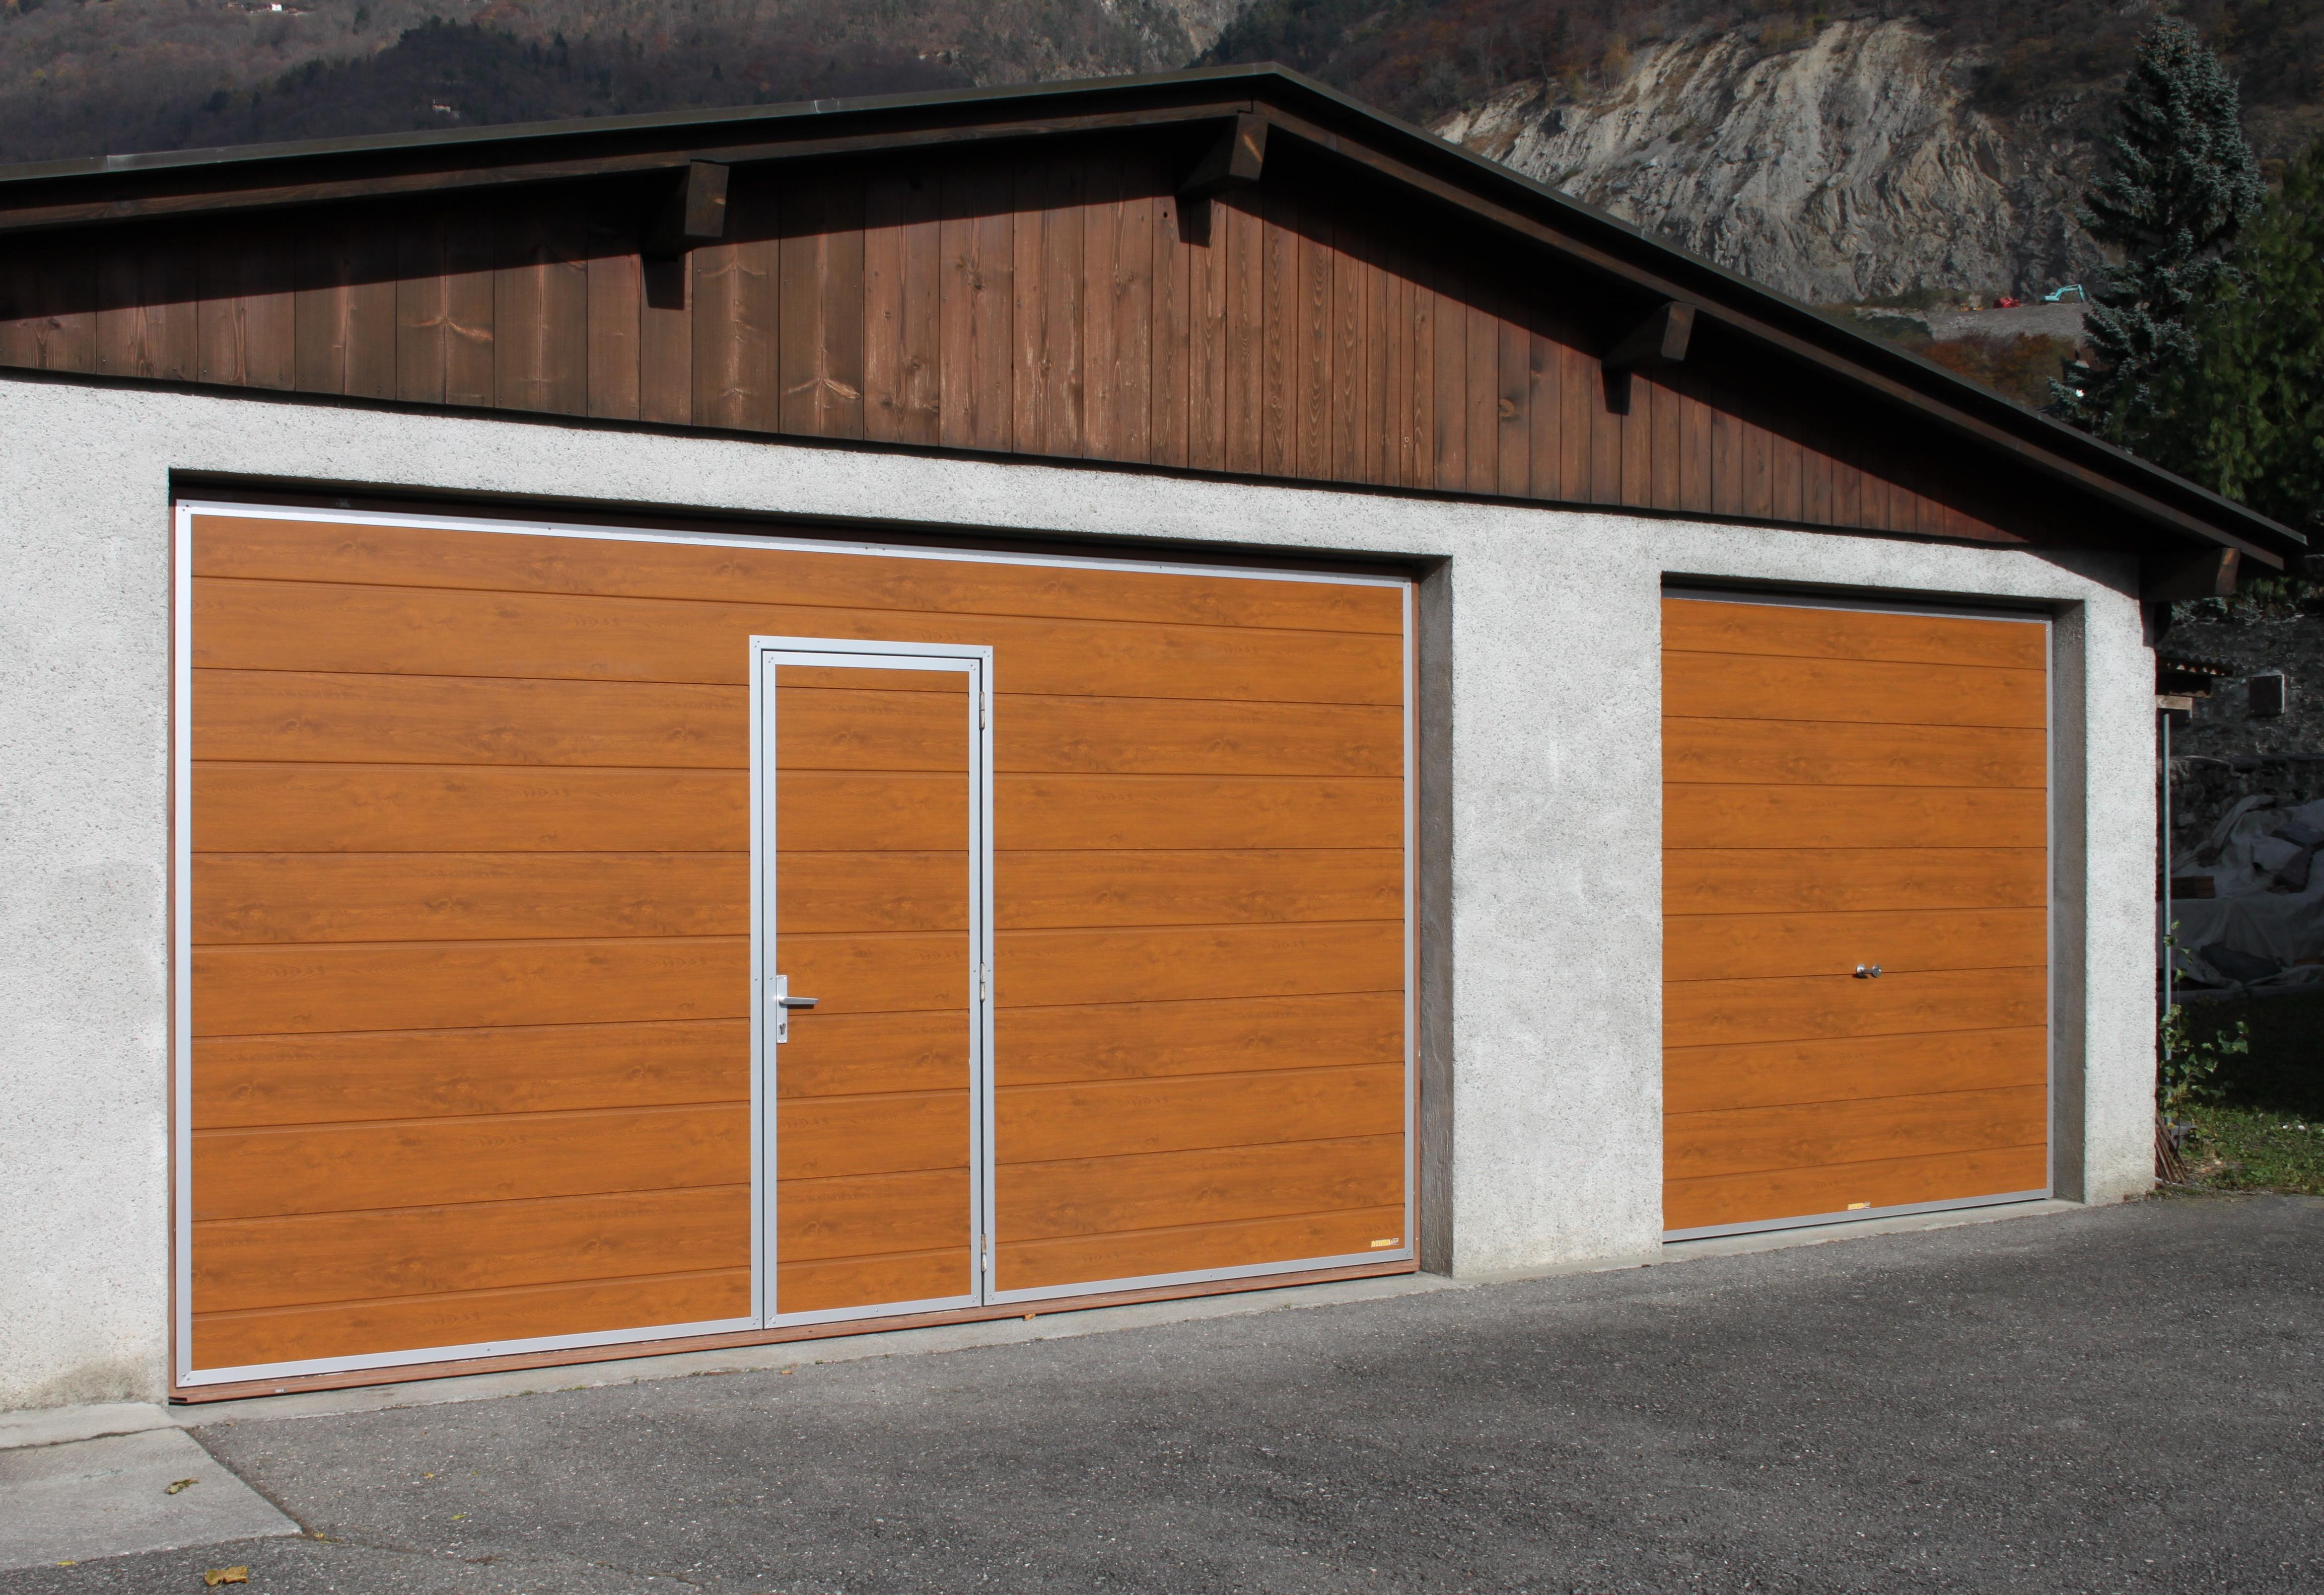 R nover une porte d entr e en bois - Repeindre une porte d entree en bois ...